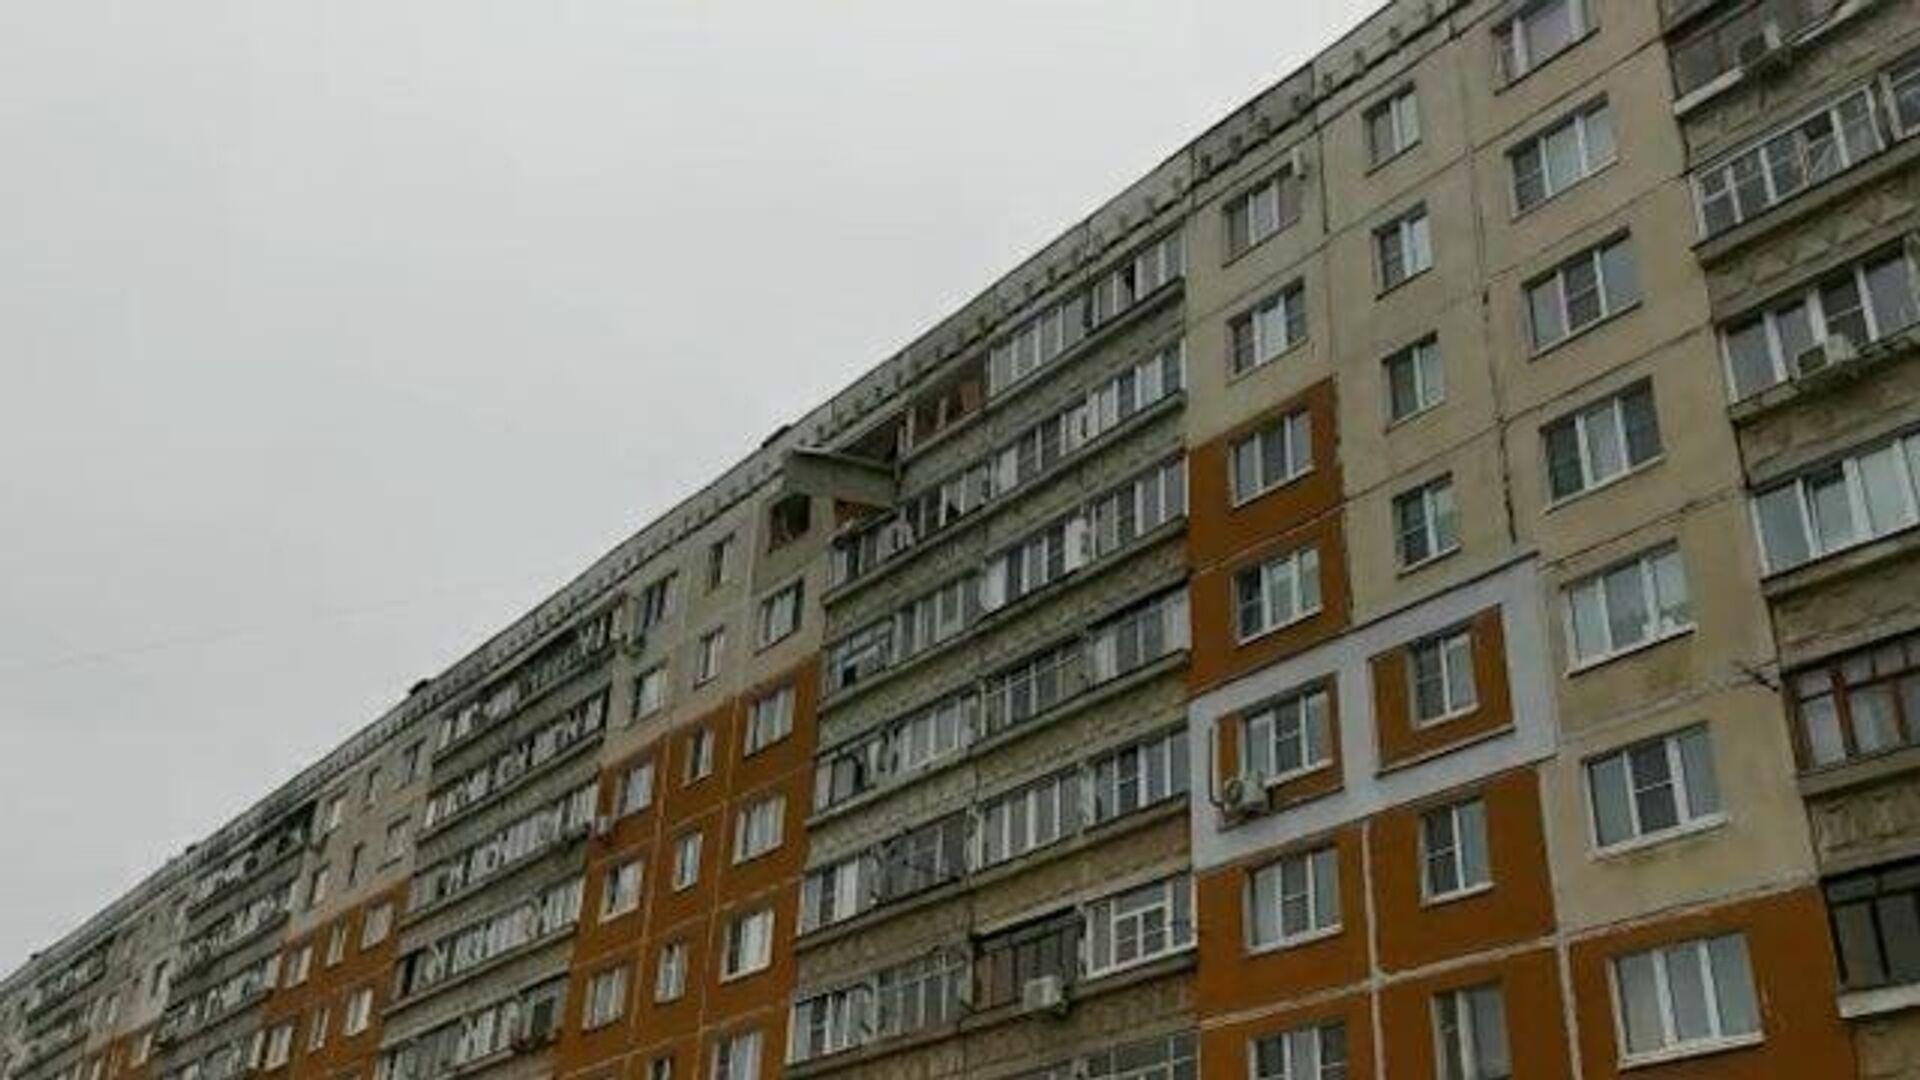 Пострадавшую при ЧП с газом в Нижнем Новгороде подключили к ИВЛ